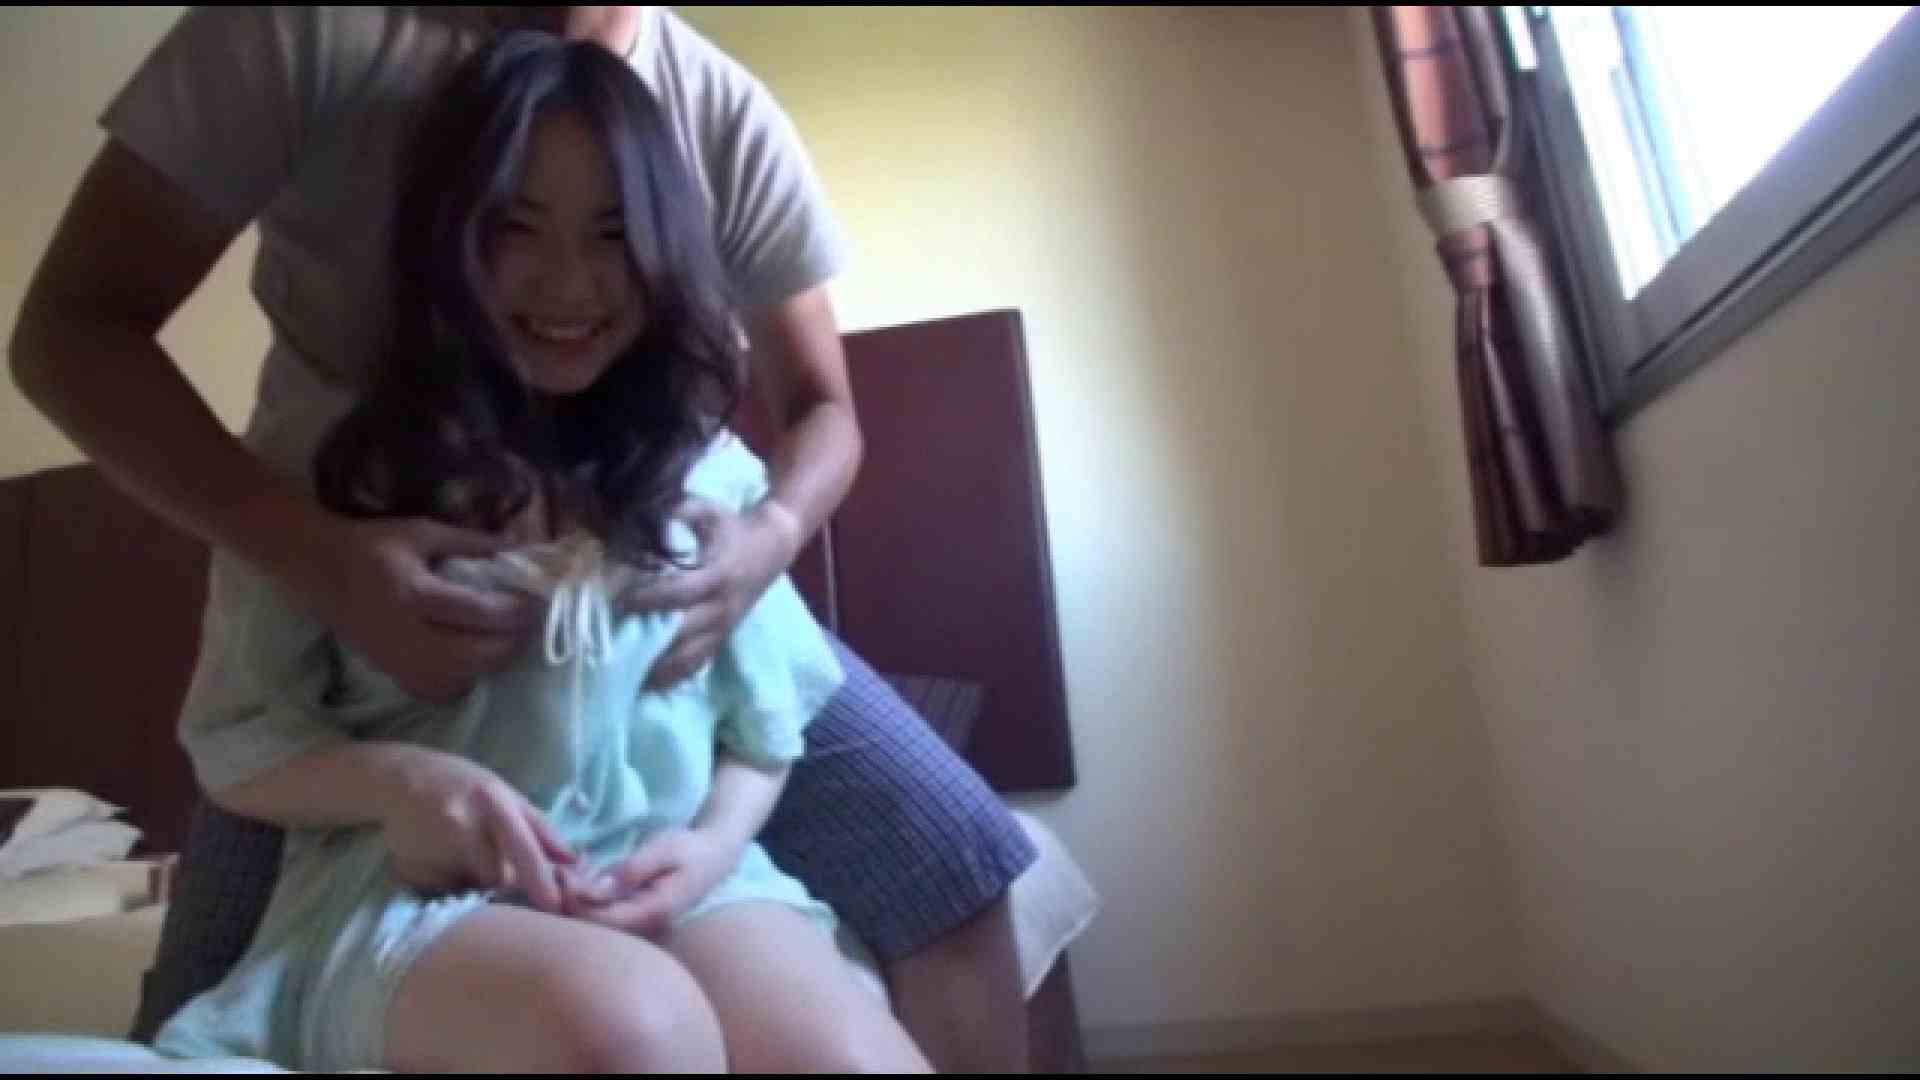 おしえてギャル子のH塾 Vol.43前編 ギャル エロ画像 87pic 14